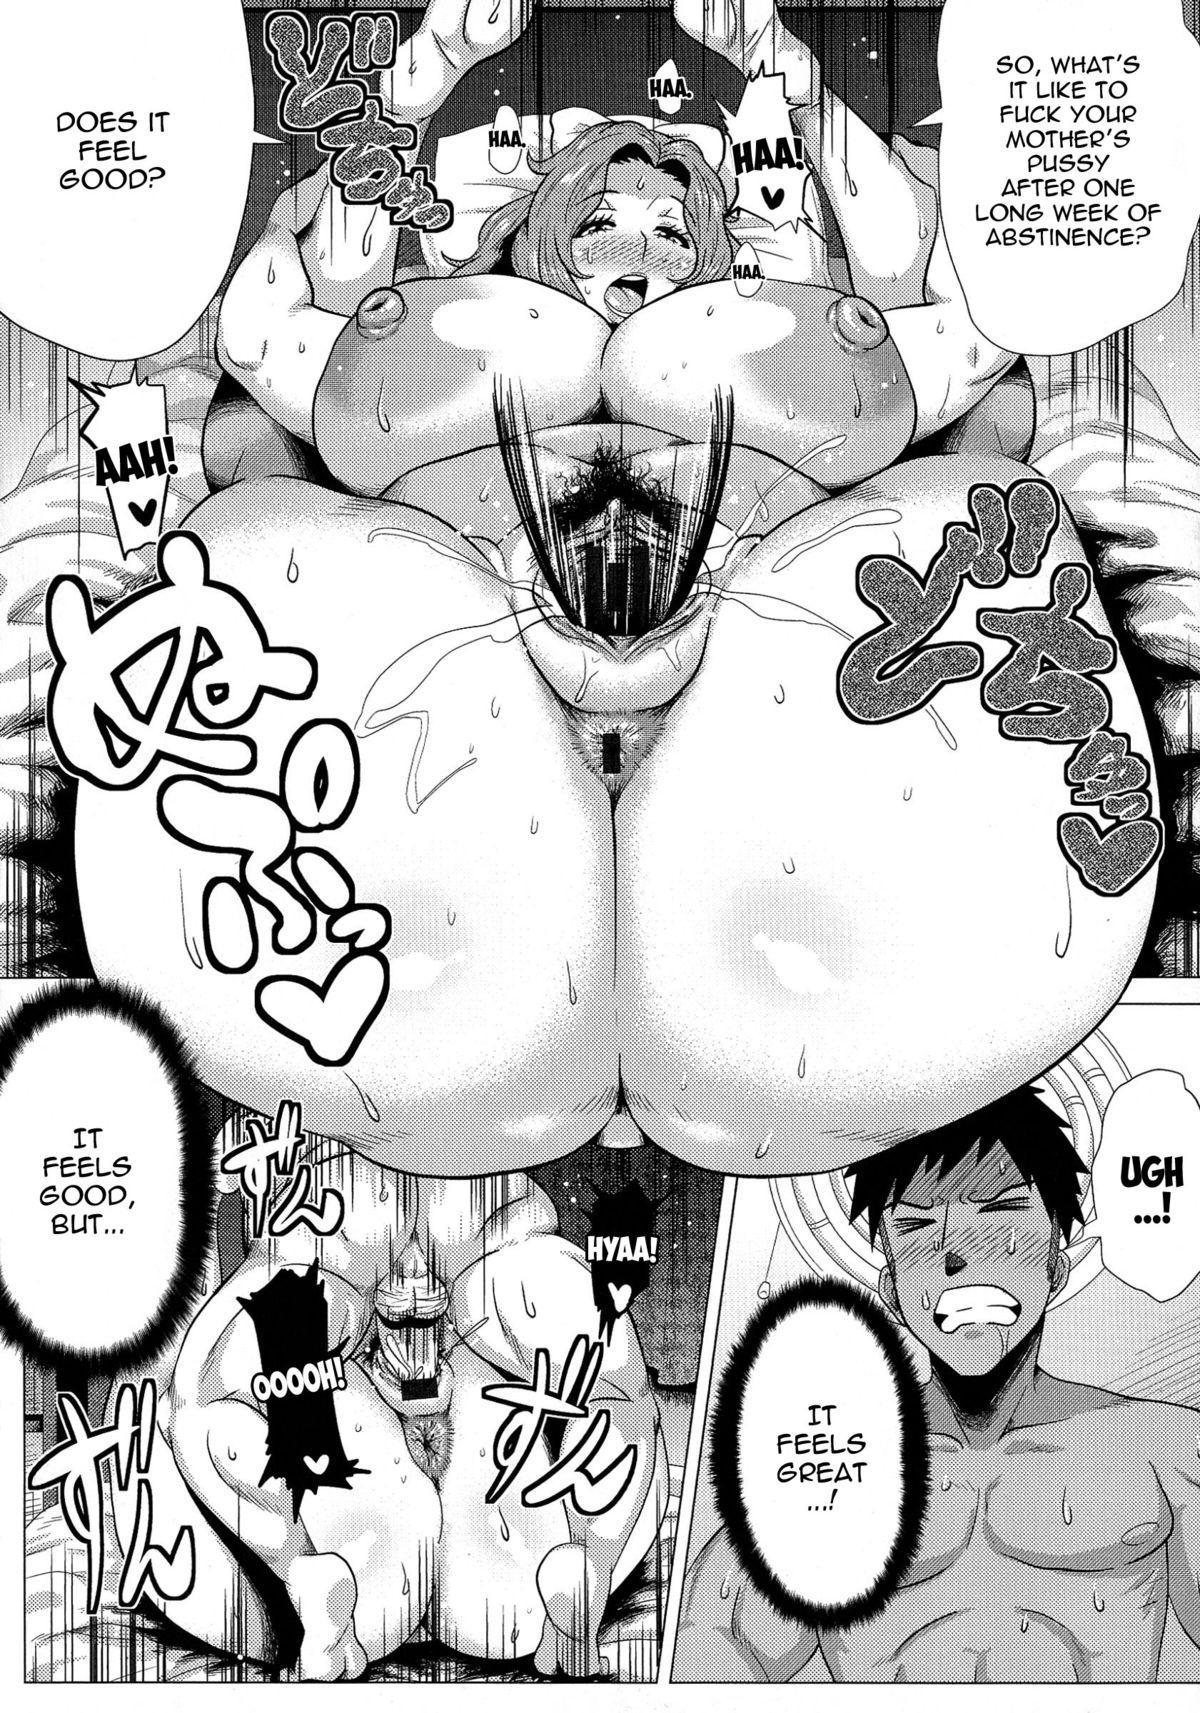 [Yokkora] Megabody Night ~Watashi no Oniku wo Meshiagare~ | Megabody Night ~My voluptuous body & mom love~ [English] {Laruffi + desudesu + EHCOVE} 16